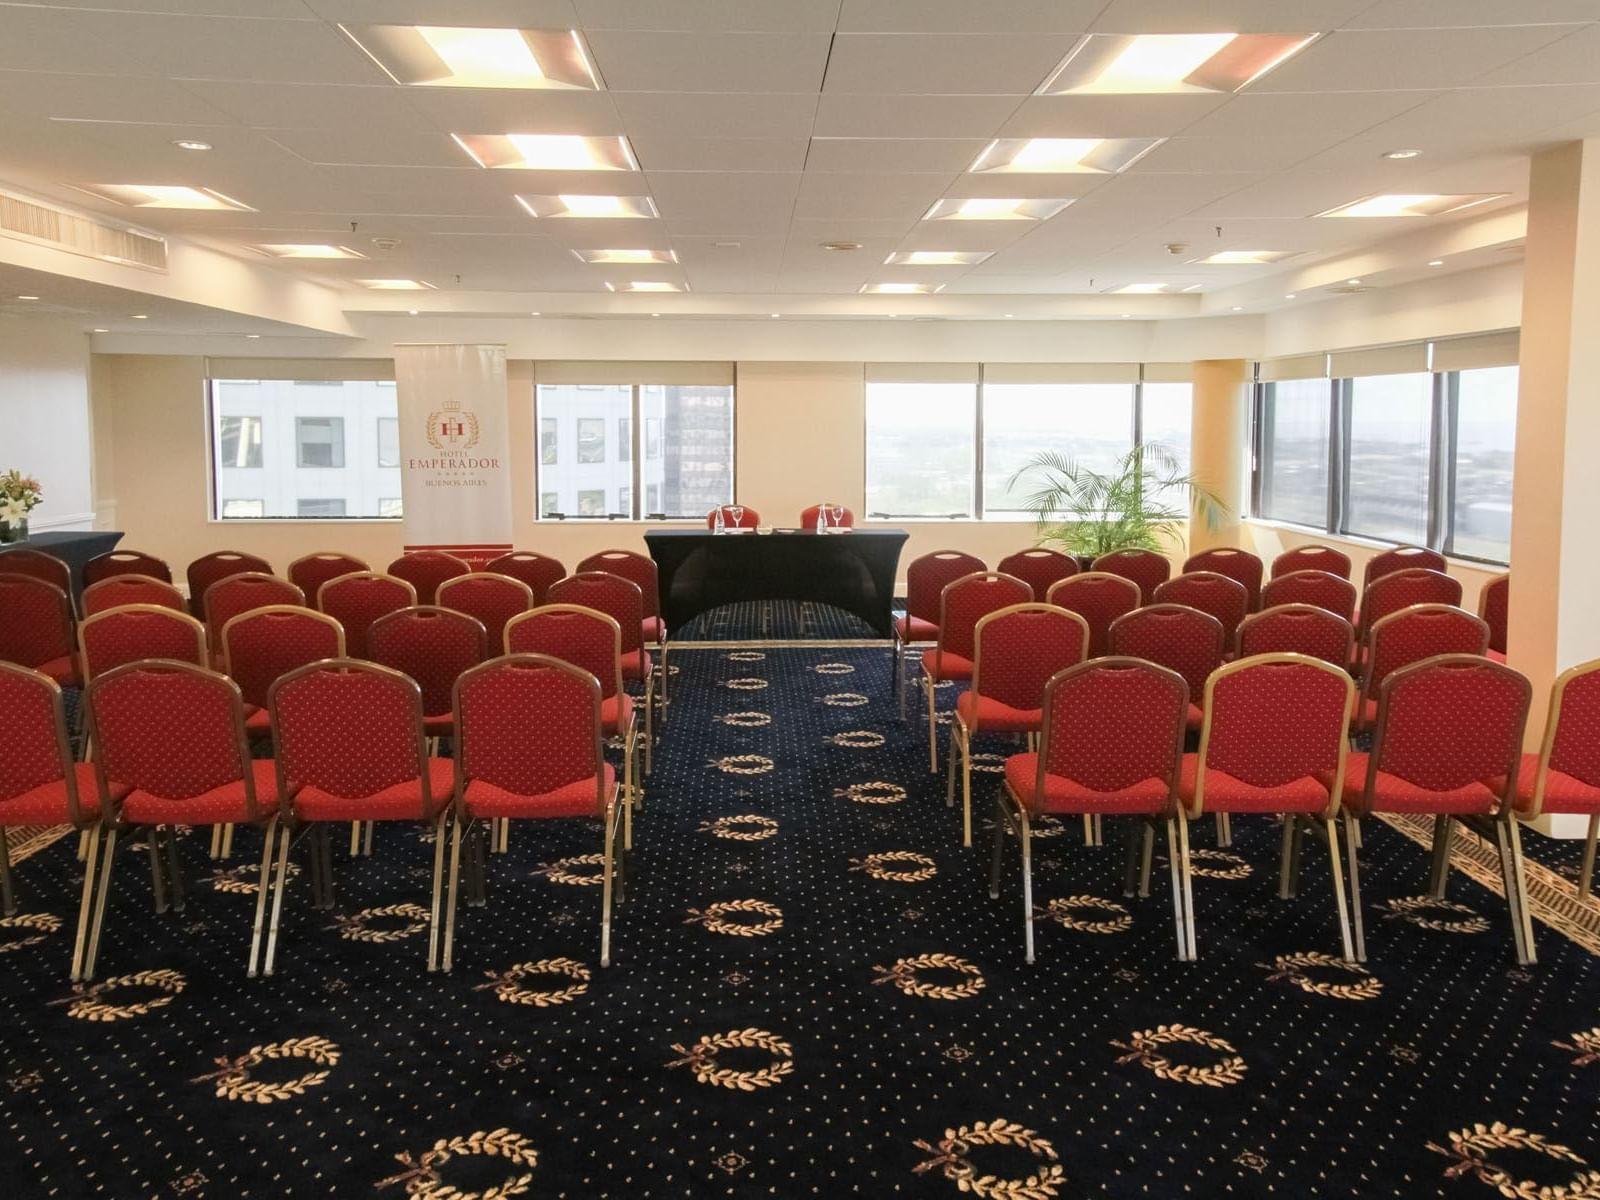 Gran Via meeting room arranged at Hotel Emperador Buenos Aires